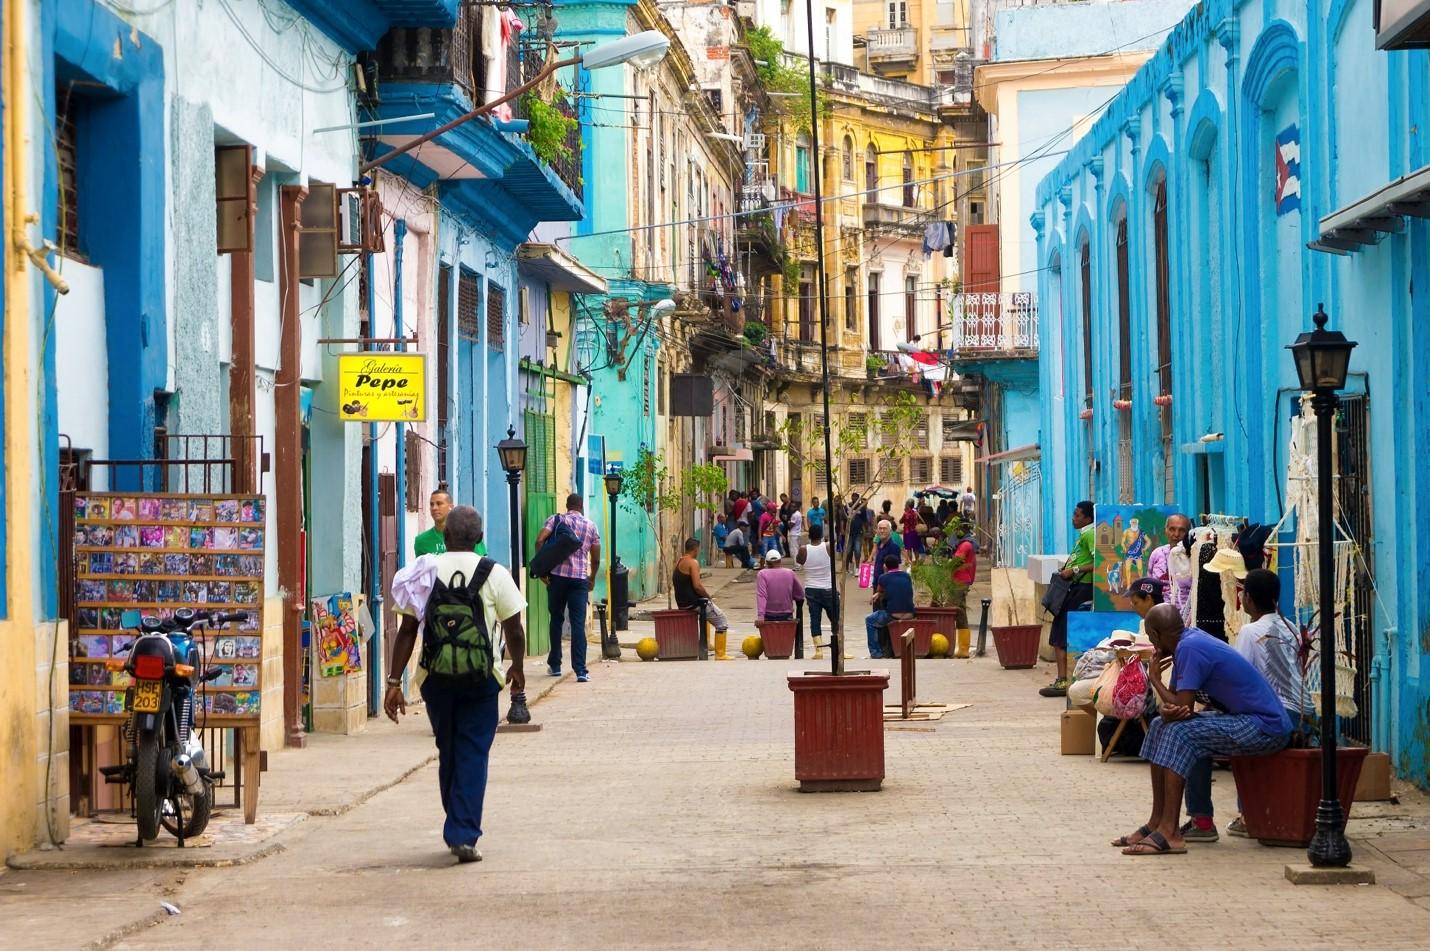 The Cuban Carnival Cruise Ship